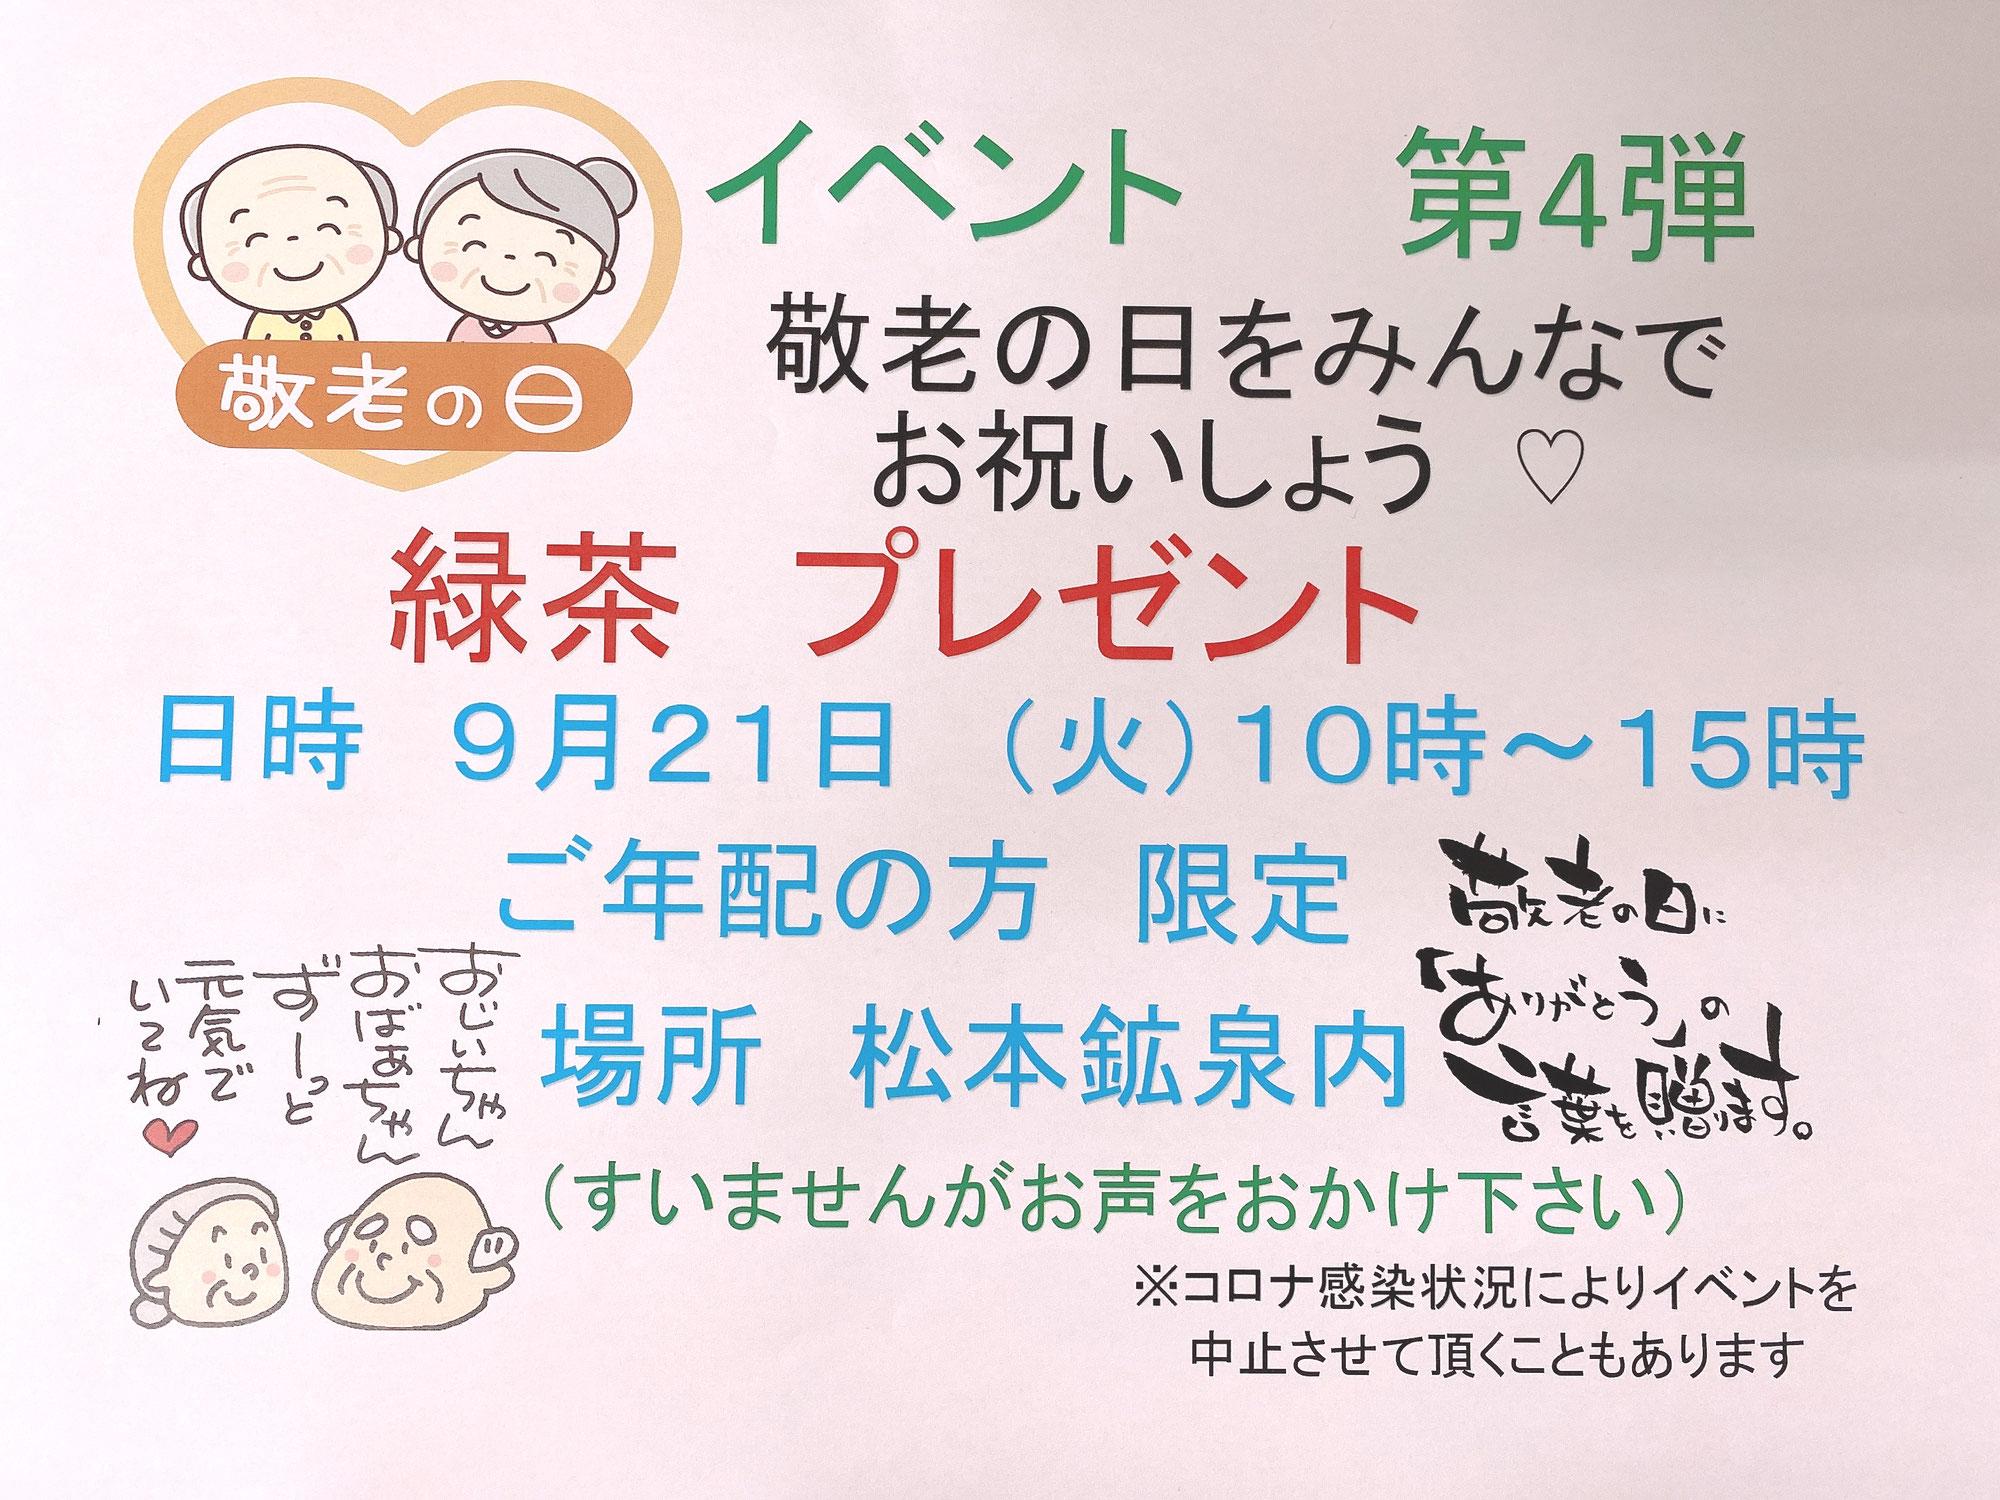 敬老の日イベント開催